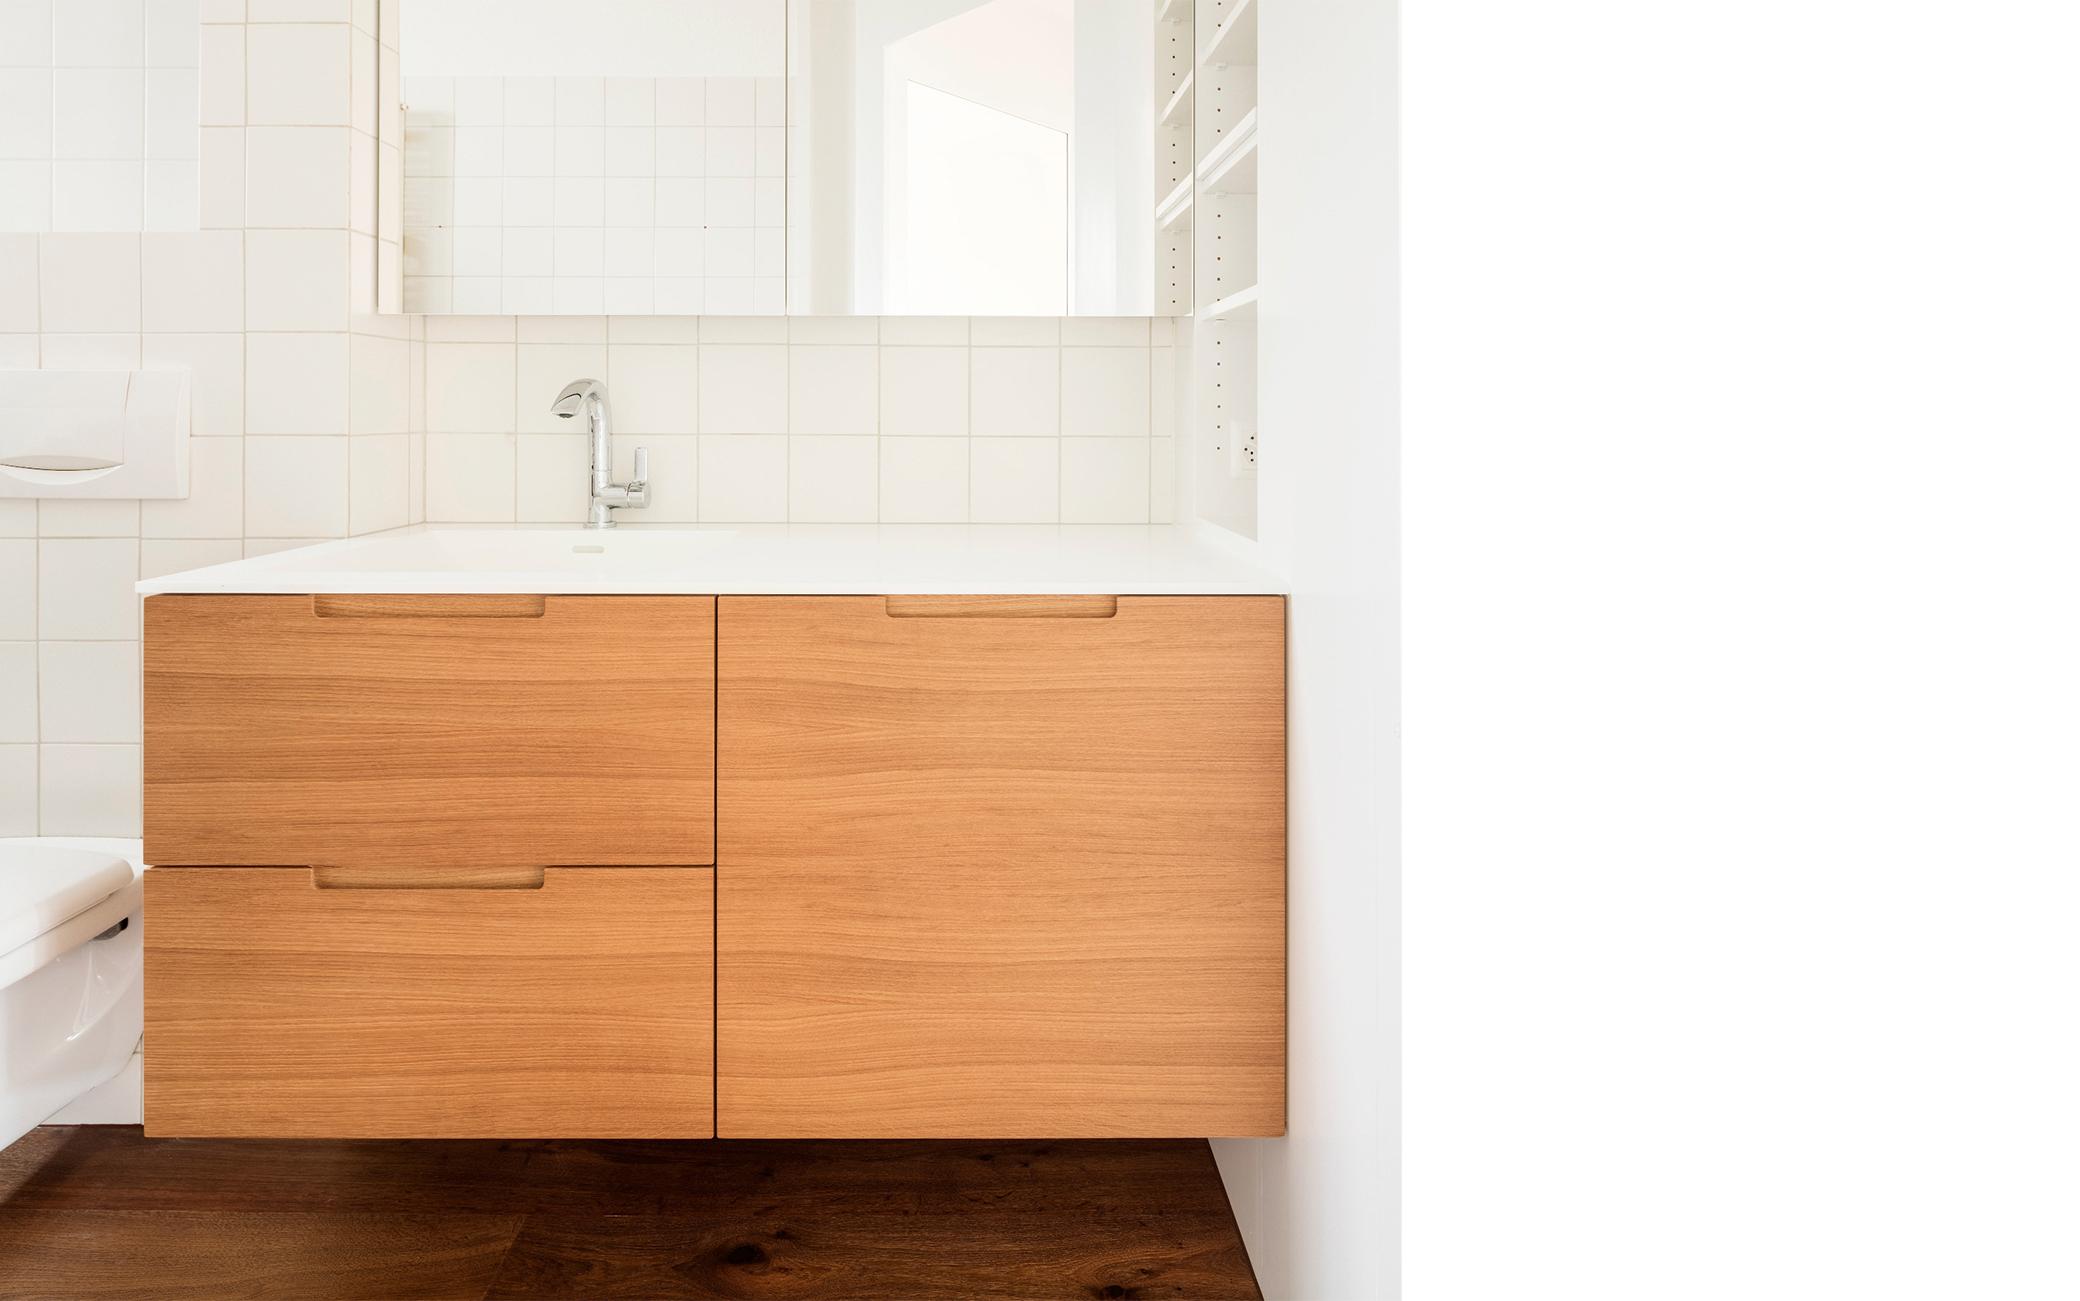 Griffloses Badezimmermöbel